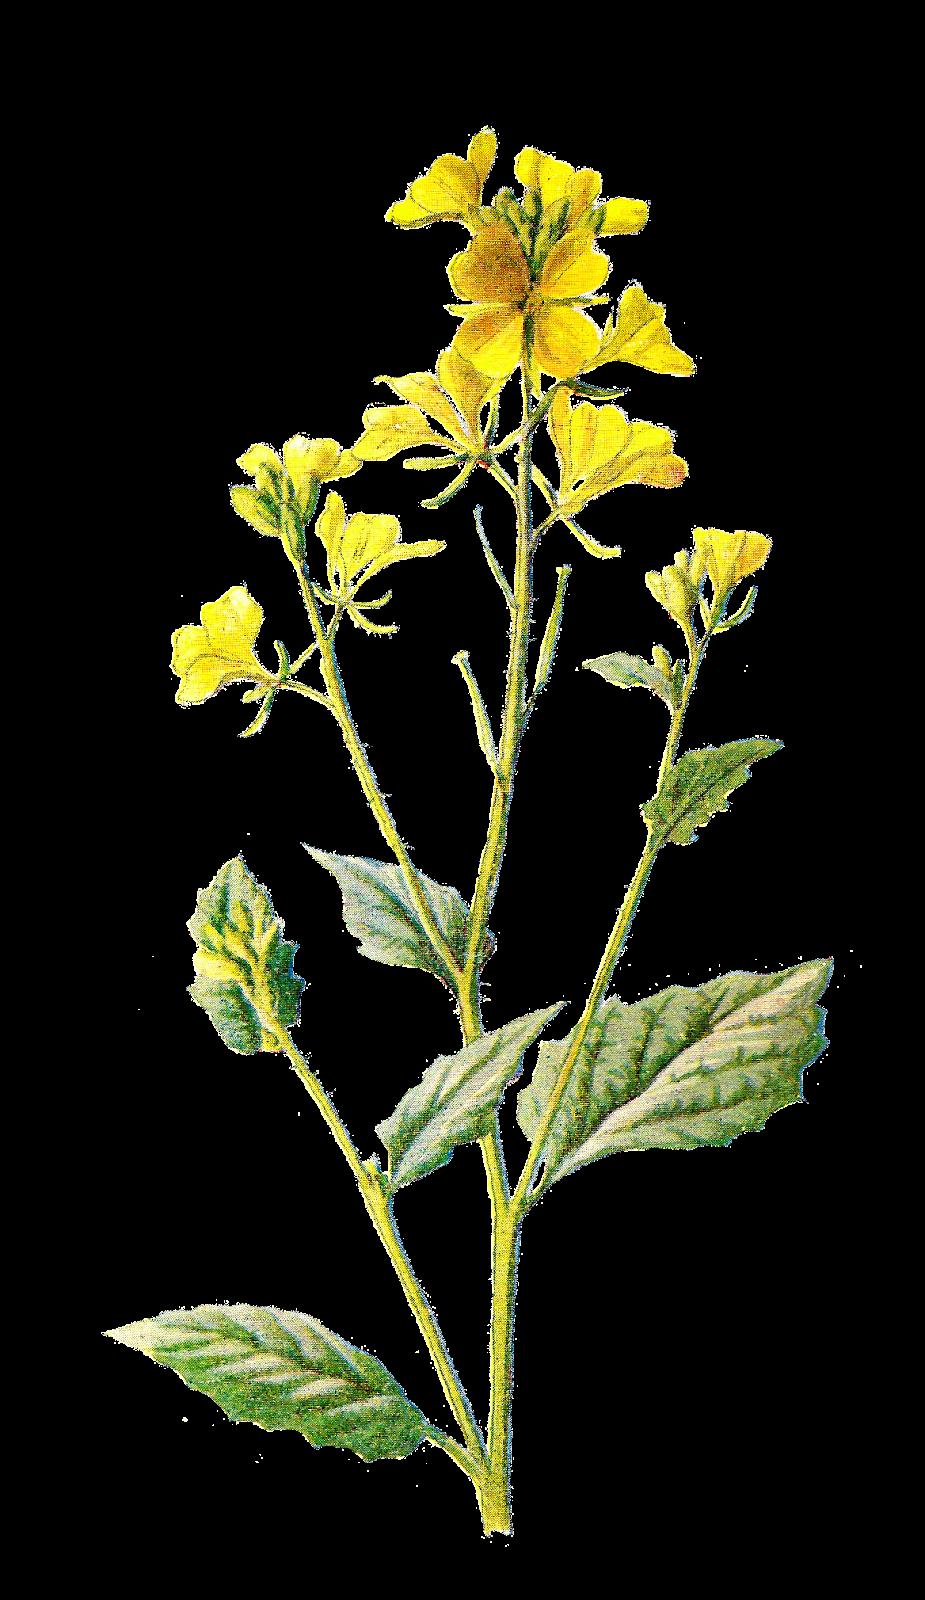 Field clipart field wildflower. Digital flower clip art